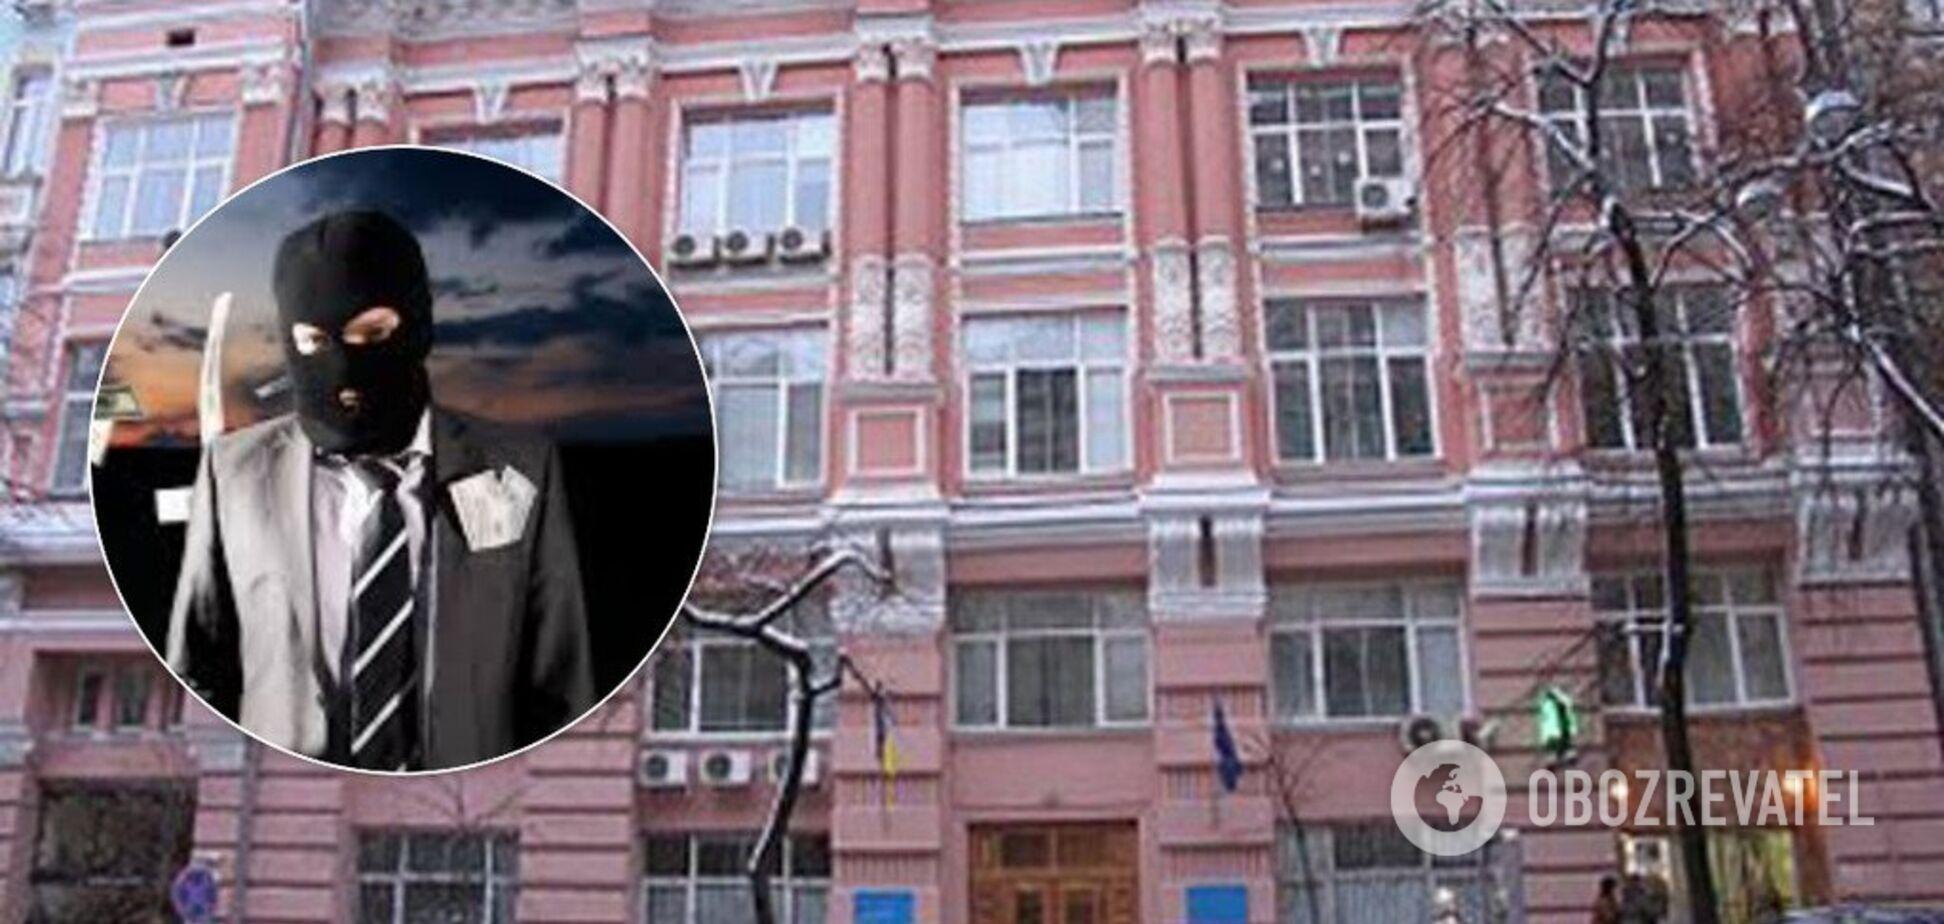 'Реформаторы!' Журналист рассказал о беспомощности Минюста перед рейдерами